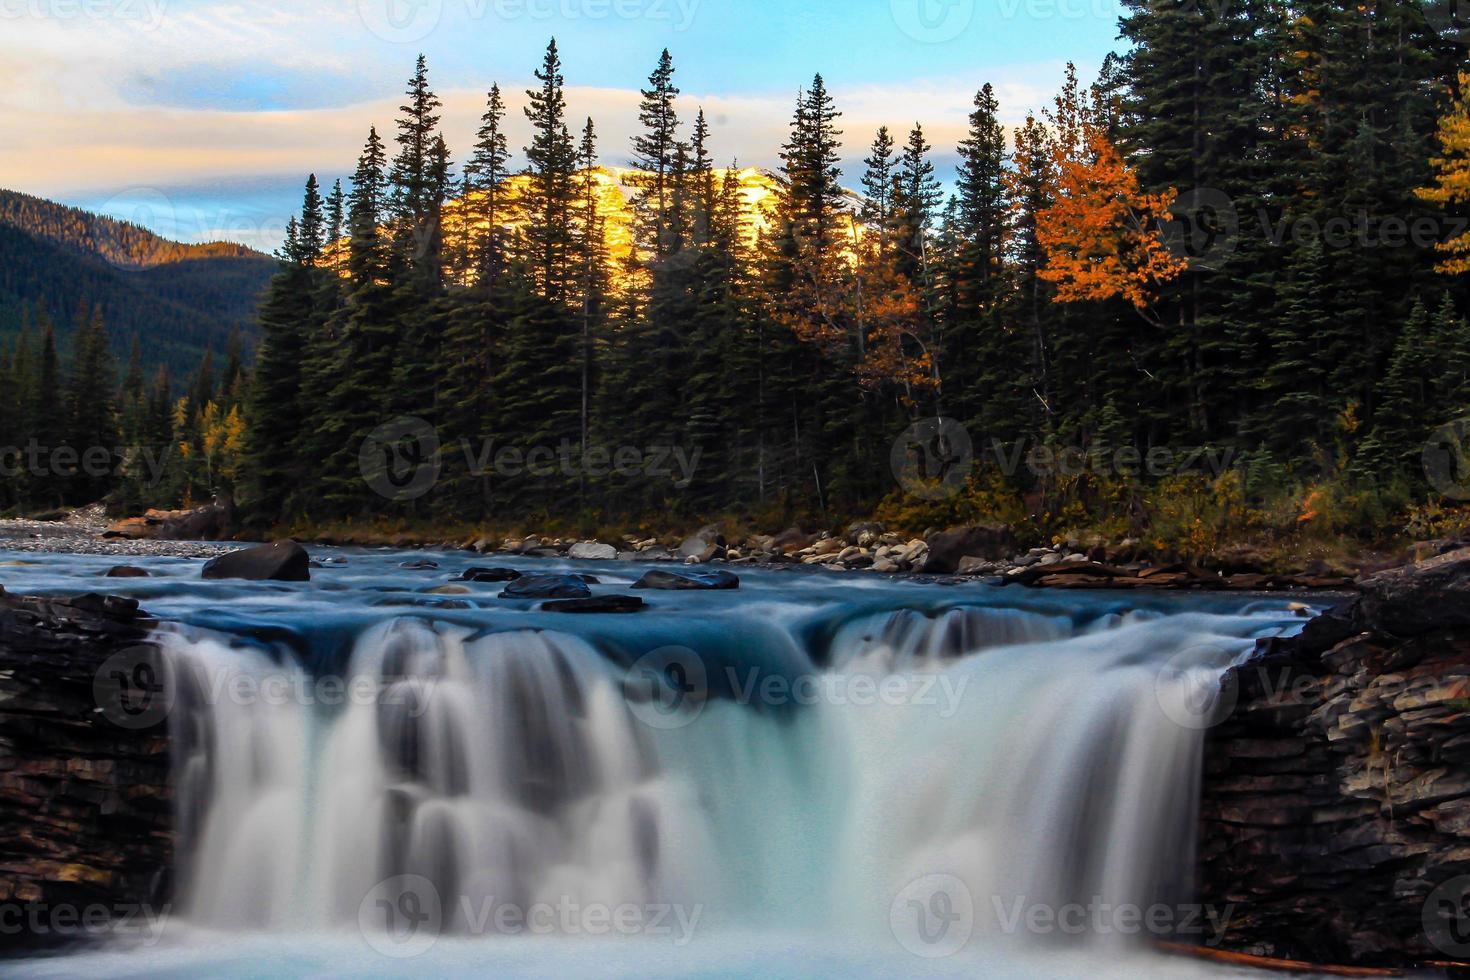 nascer do sol sobre as cachoeiras de ovelhas que se movem rapidamente foto